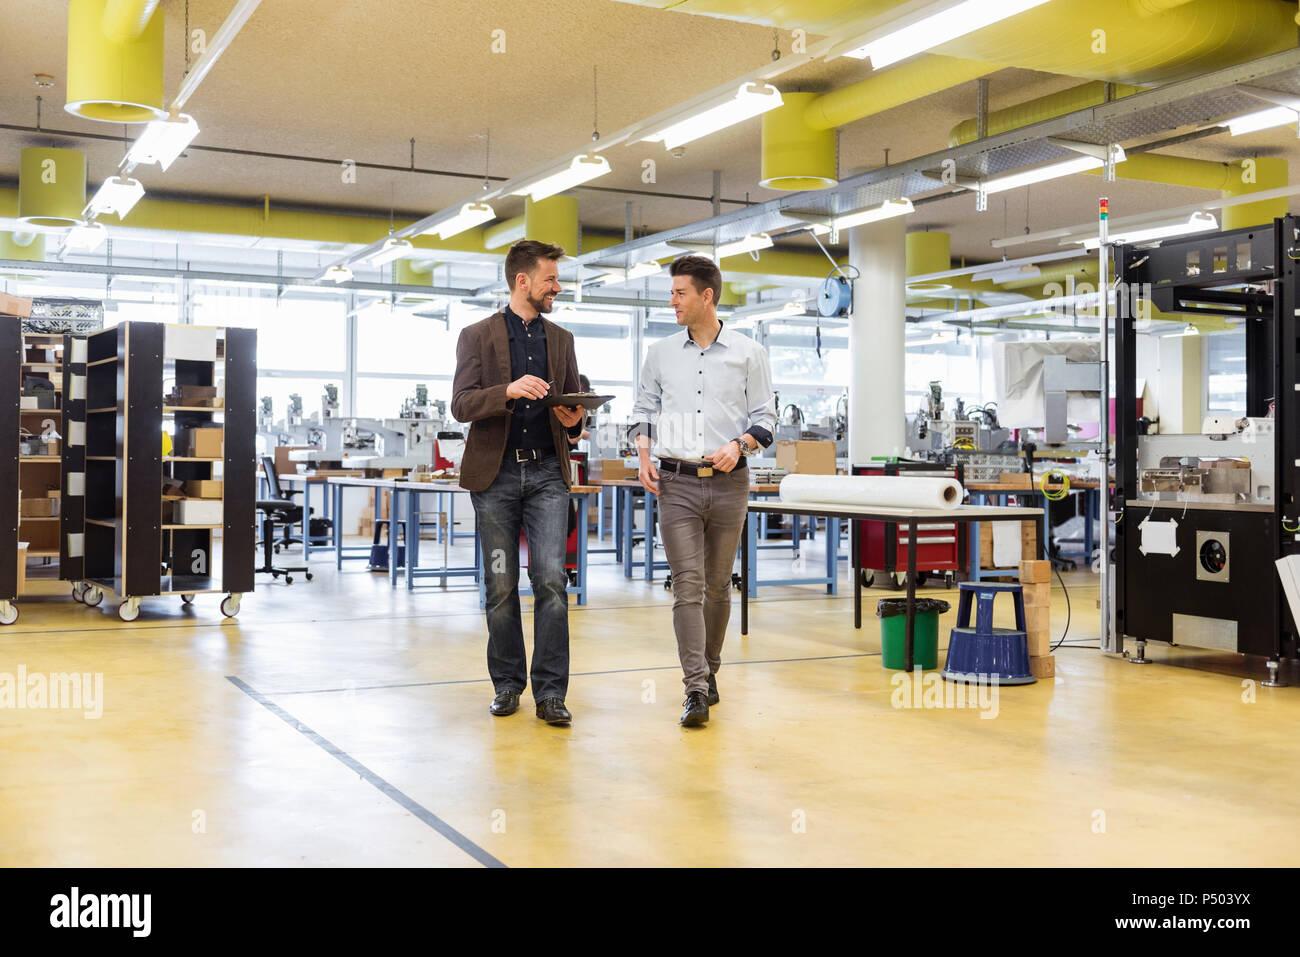 Dos hombres caminando y conversando en la fábrica. Foto de stock